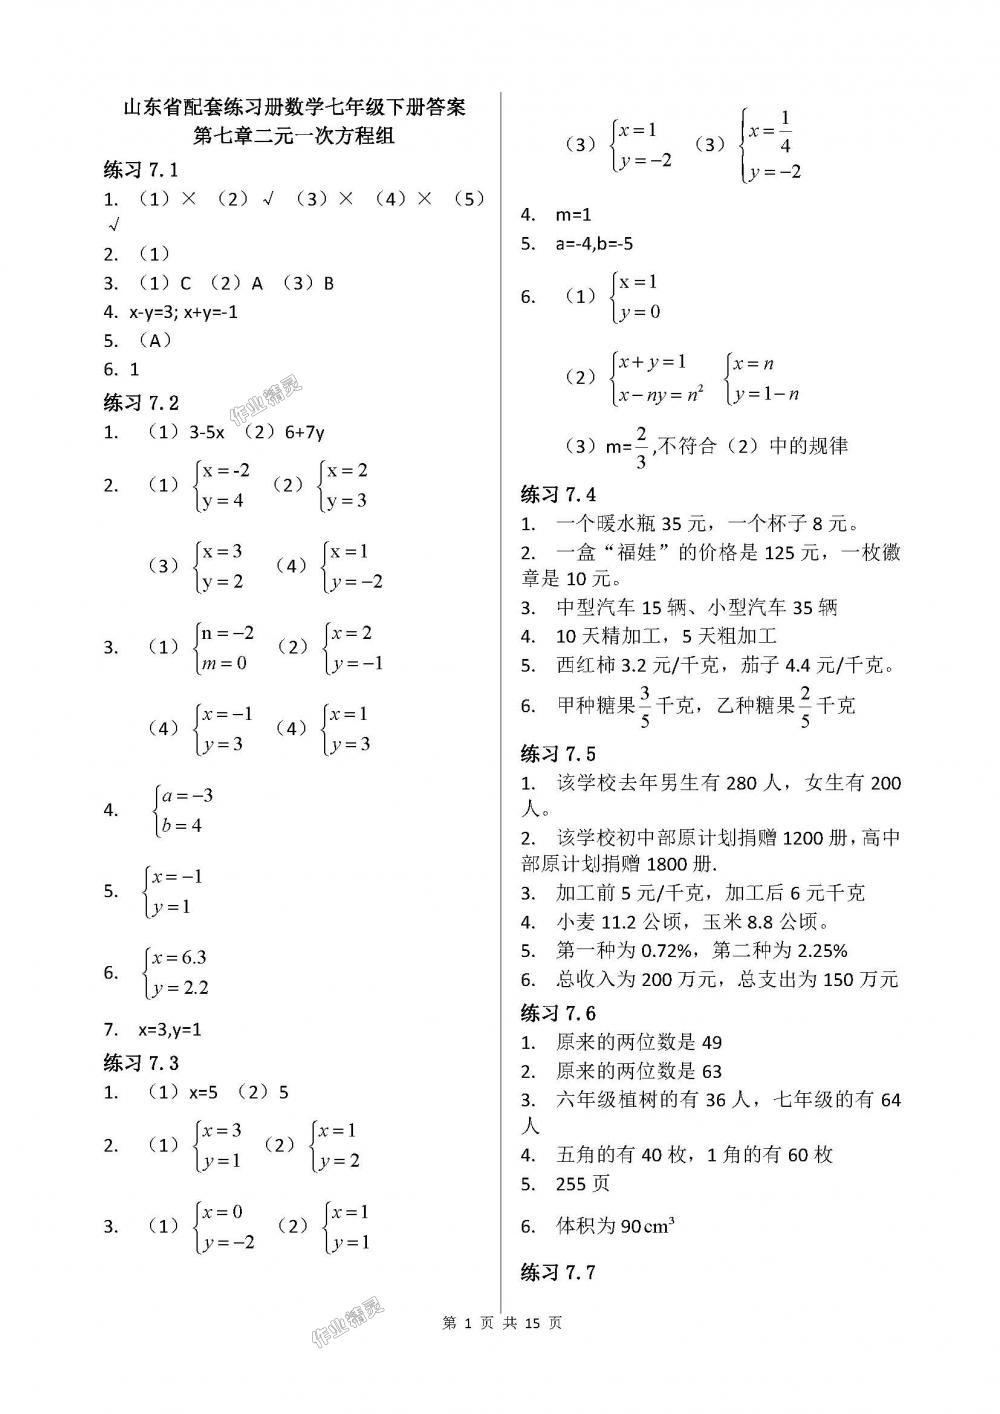 2018年配套练习册山东教育出版社七年级数学下册鲁教版第1页